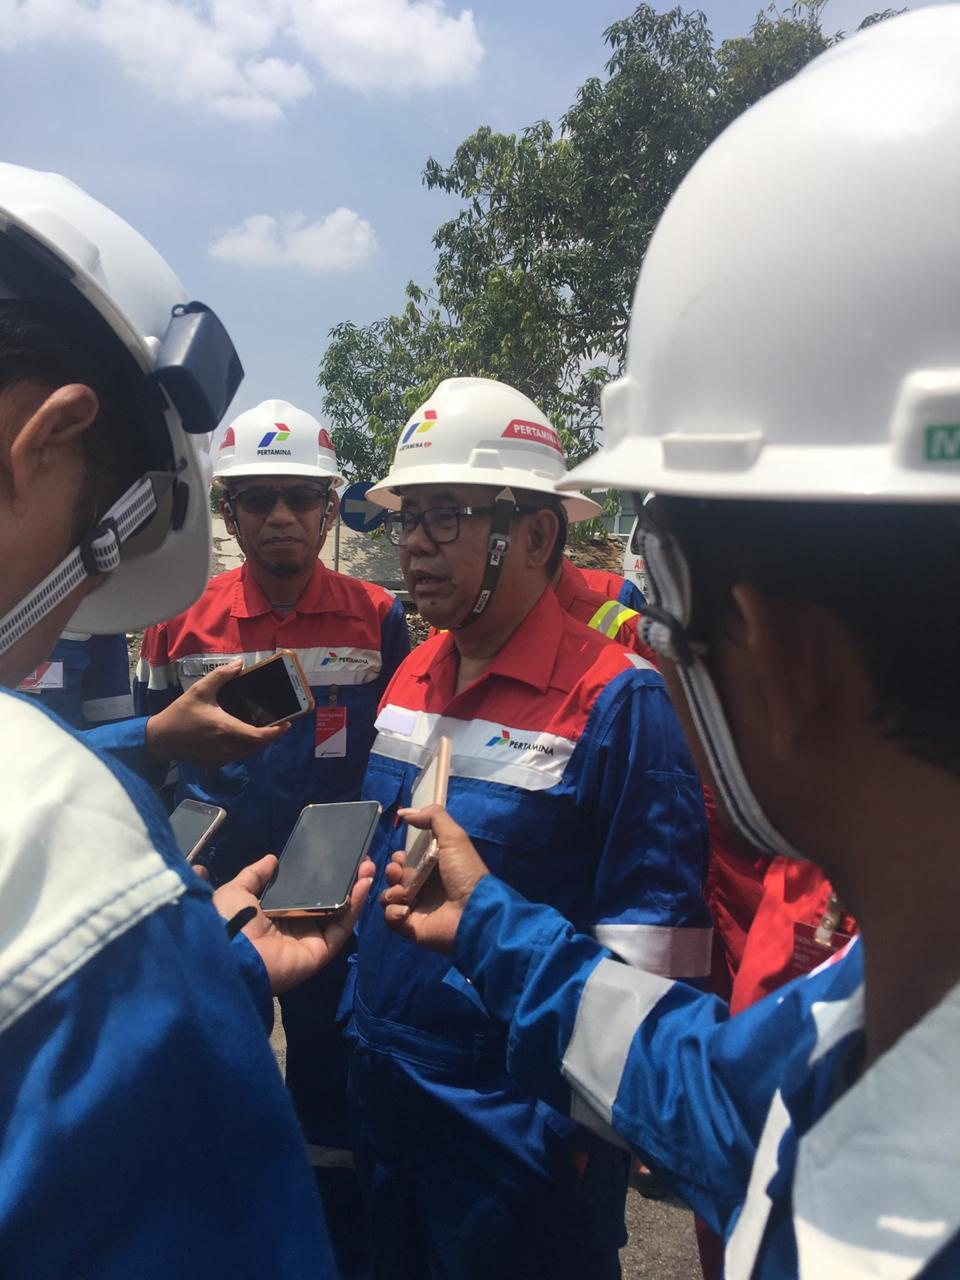 SKKMigas-Komisi VII DPR Pastikan Kehandalan Operasi Lifting Pertamina EP Asset 3